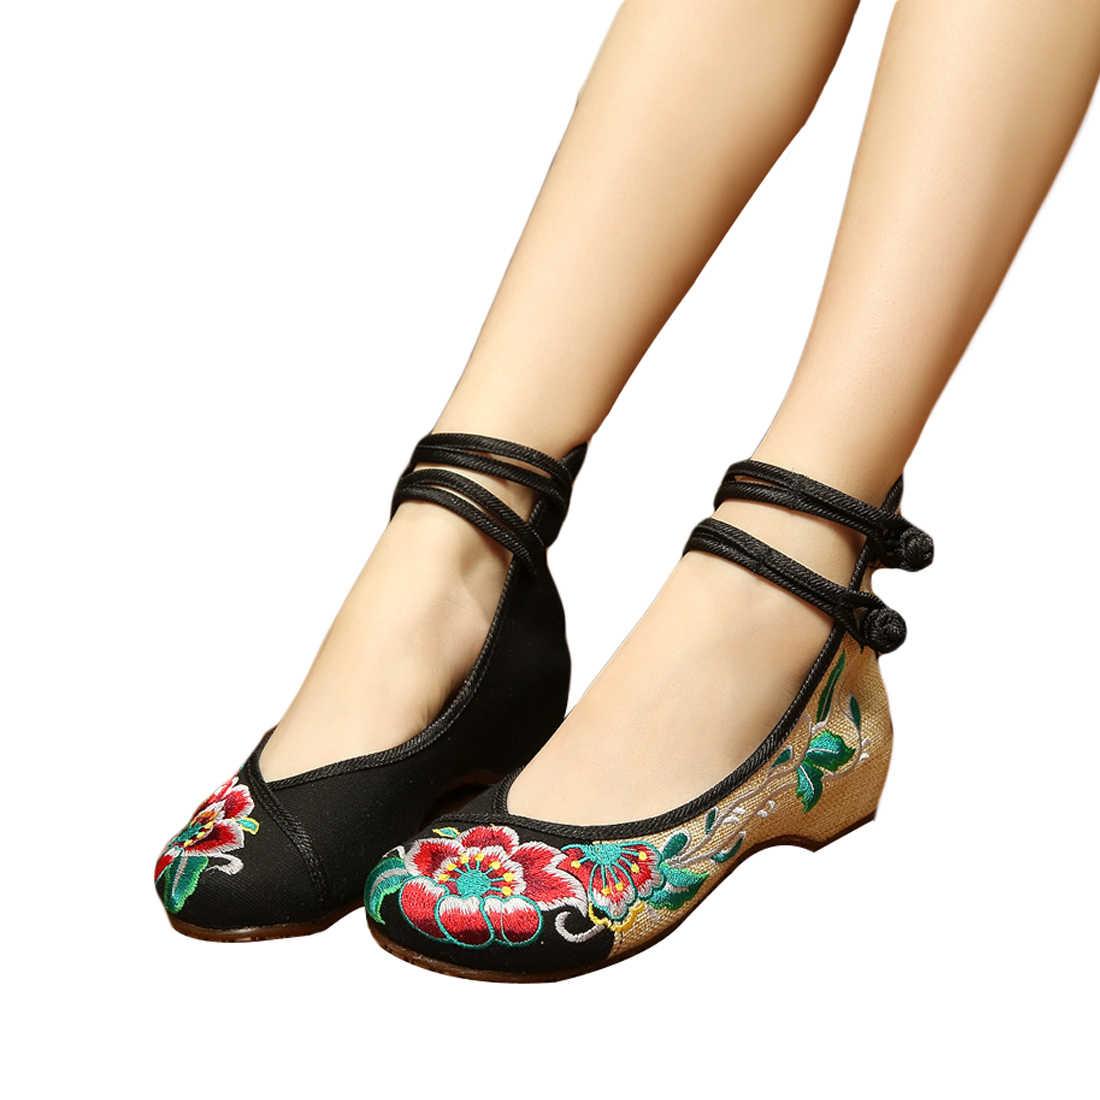 จีนรองเท้าผู้หญิงเย็บปักถักร้อย Mary Jane ผ้า Flats แบบดั้งเดิมปักเก่าปักกิ่งดอกไม้ผ้าใบขนาดใหญ่